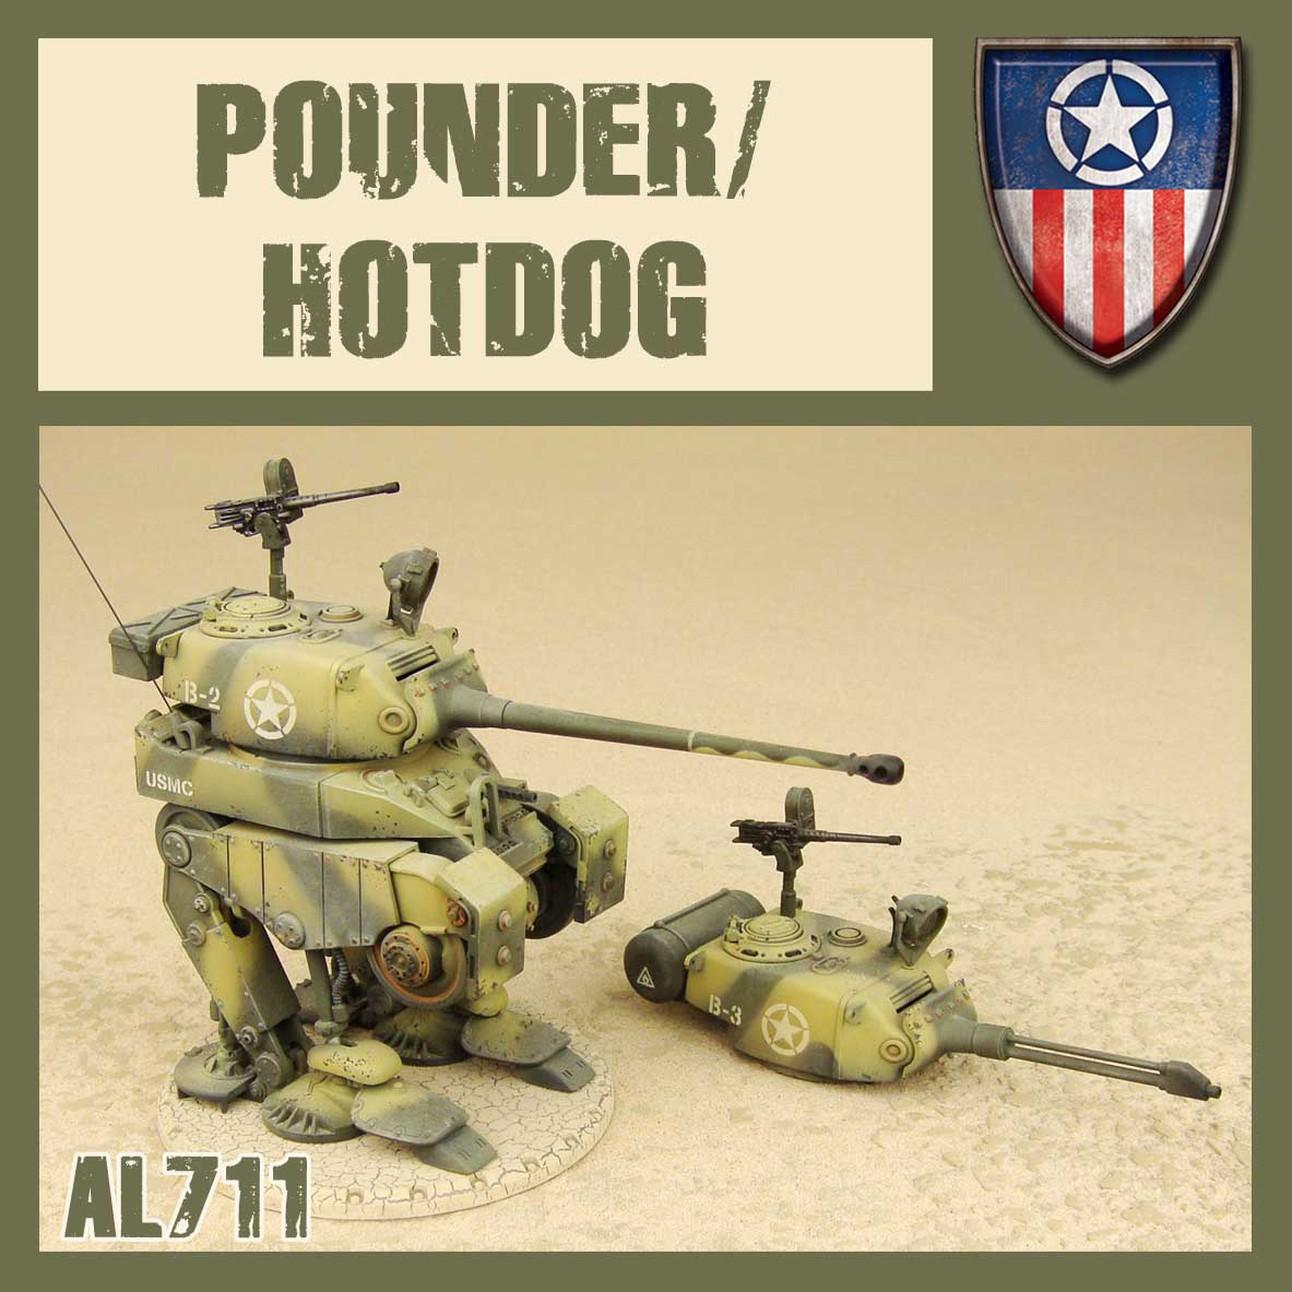 pounder_hotdog.jpeg